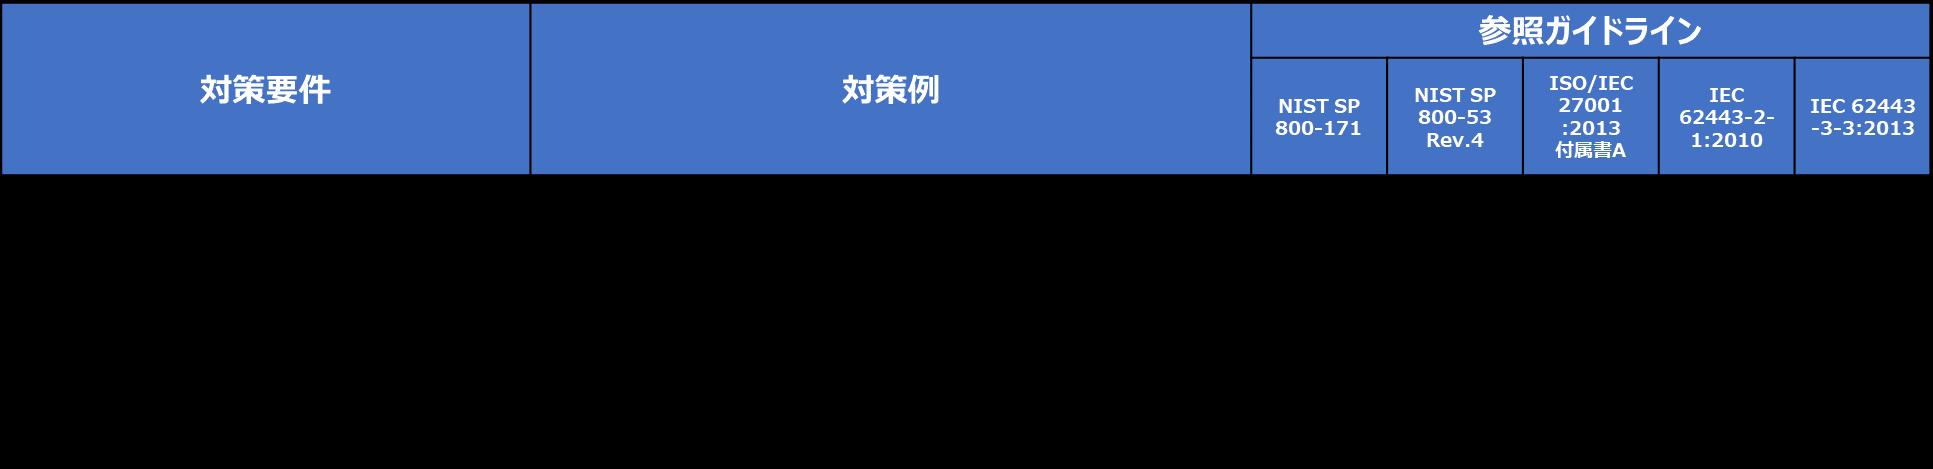 CPSF「添付C」内容のイメージ